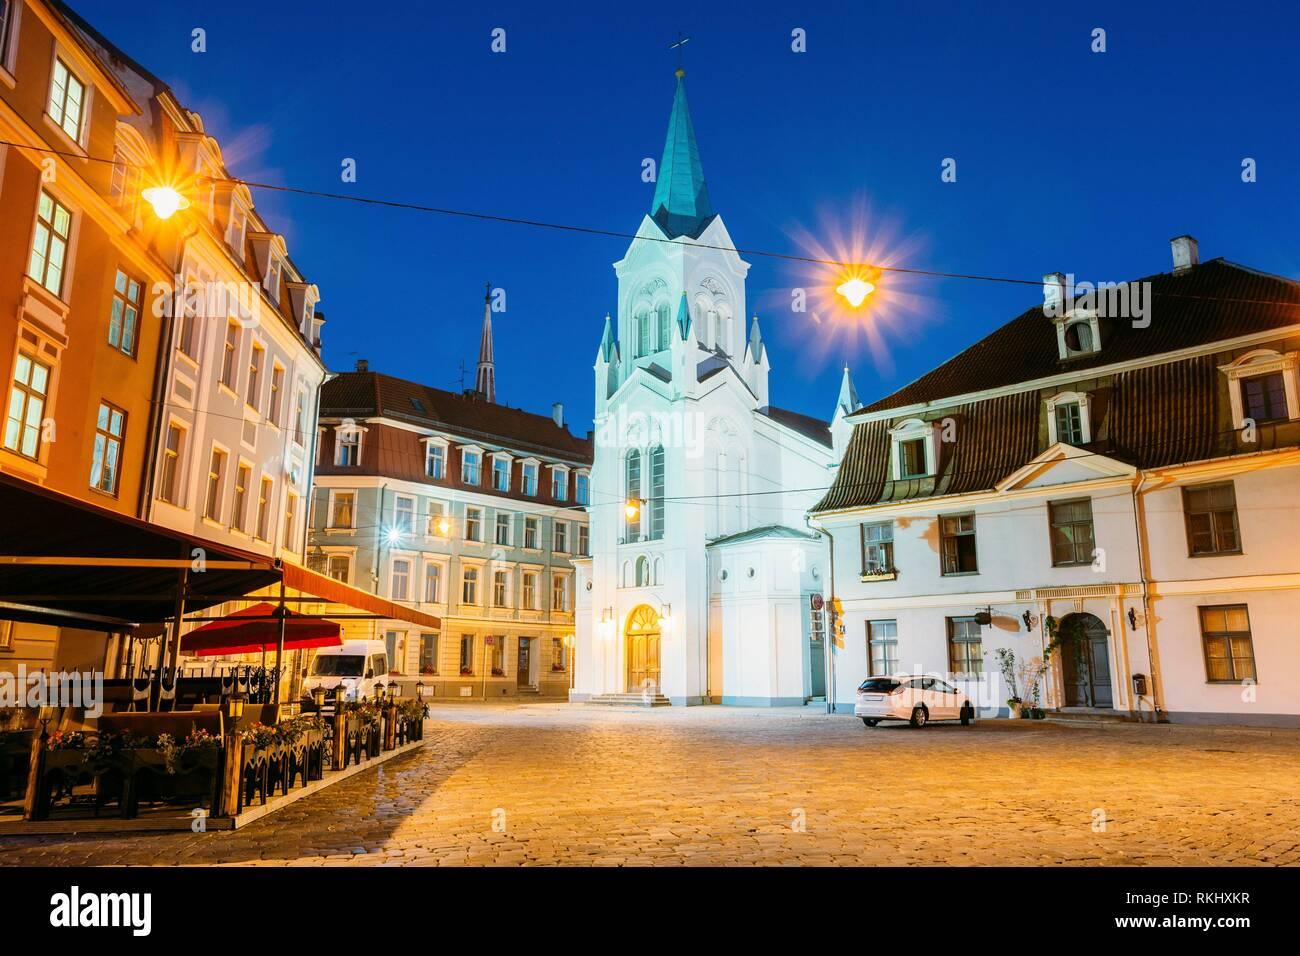 Riga, Letonia. Fachada principal de la Virgen de las Angustias o la iglesia de Nuestra Señora de los Dolores, la antigua Iglesia Católica en la pils Street en iluminación de noche en verano Imagen De Stock